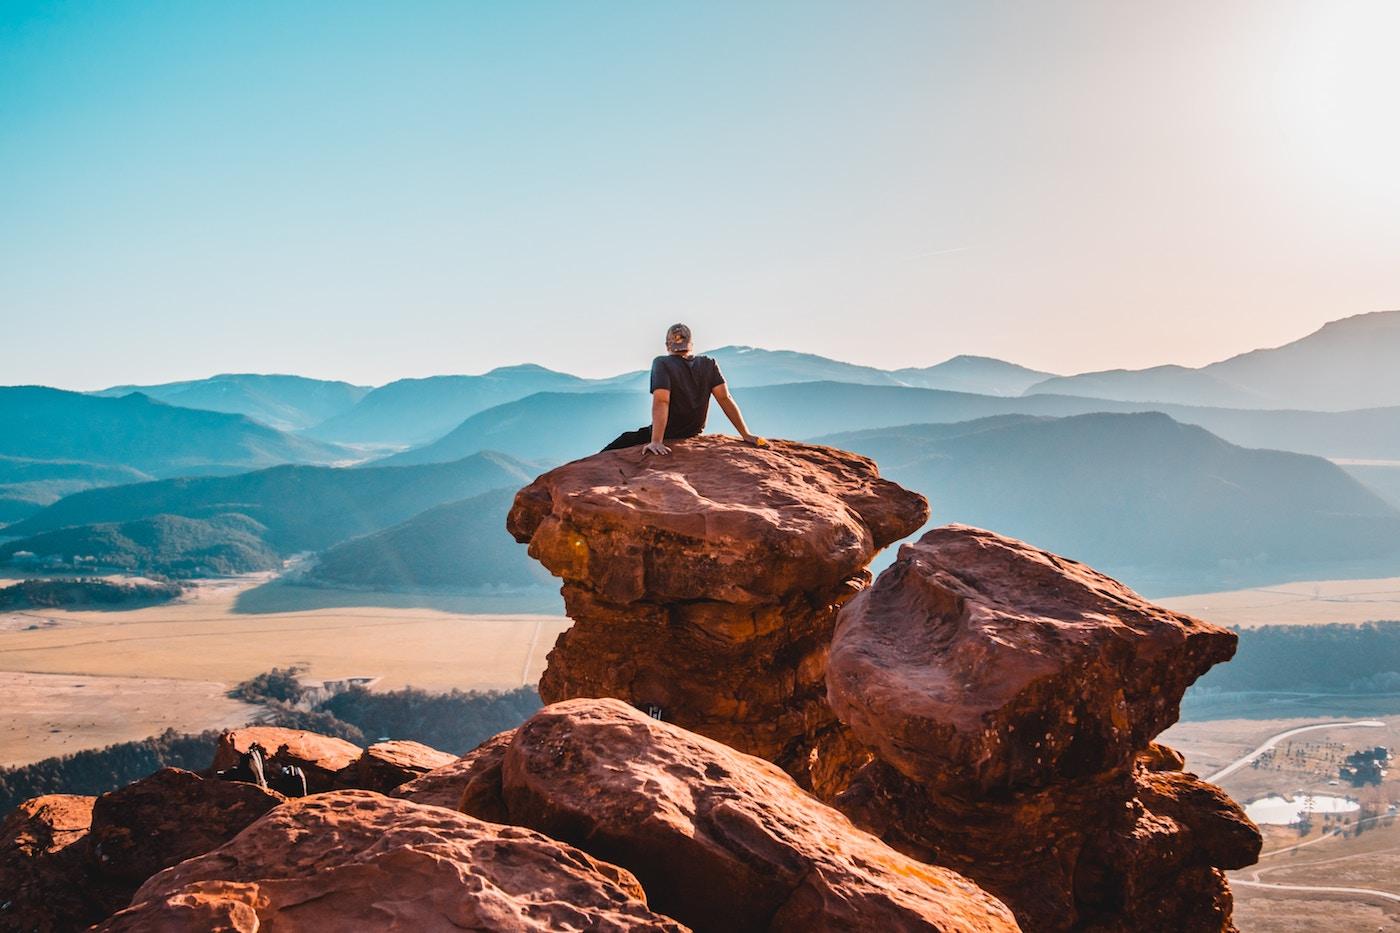 free marketer enjoying the view